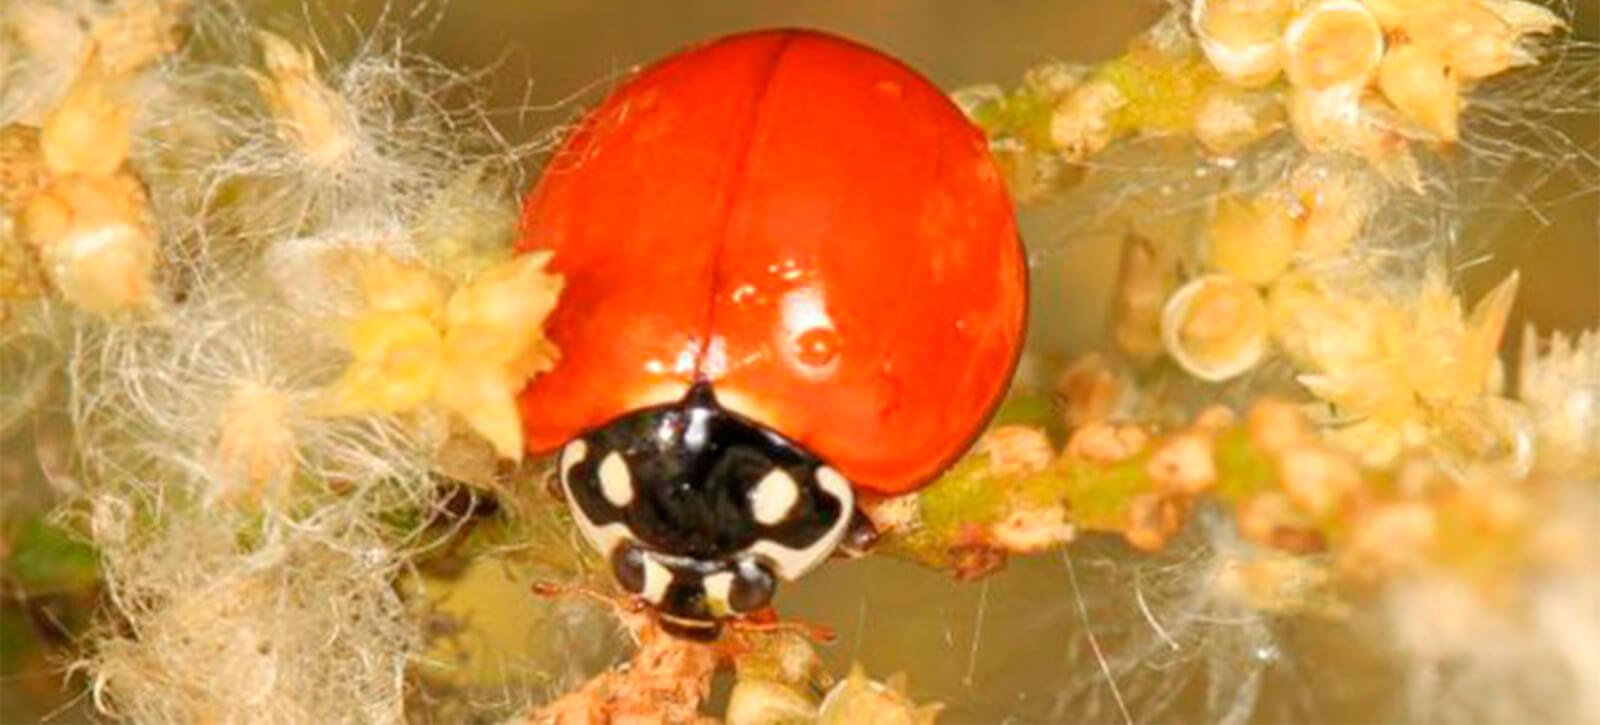 promip manejo integrado de pragas controle biologico joaninhas na horta protecao eficaz contra pulgoes (7)